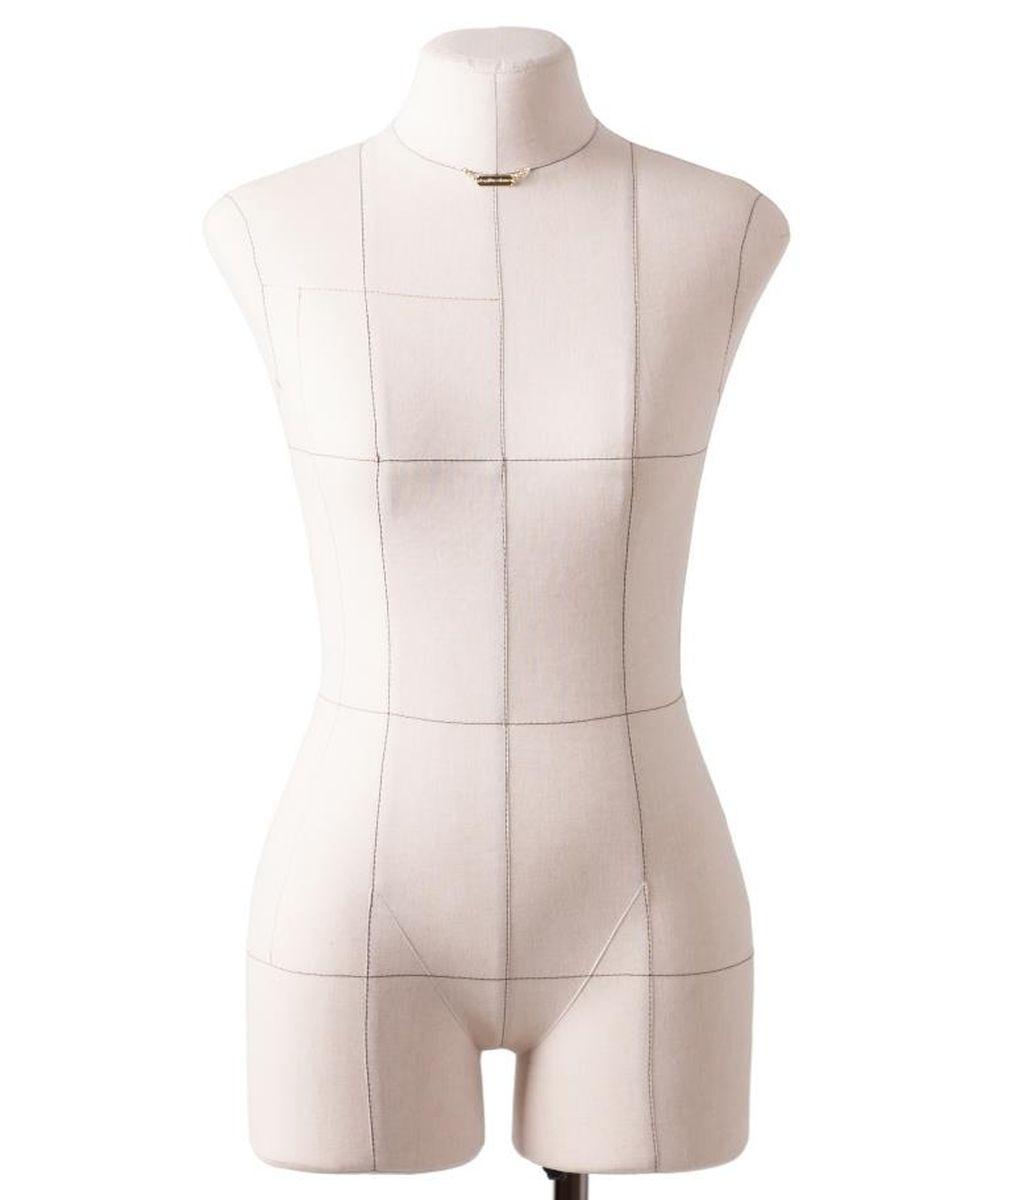 Манекен портновский Royal Dress forms Monica, с подставкой, женский, цвет: бежевый. Размер 524607824113525Портновский манекен, с удобной подставкой и детальными формами человеческого тела. Манекен прочен и удобен. Его основные преимущества: манекен имеет конструкторские линии, которые незаменимы при конструировании одежды; манекен не боится высоких температур, поэтому на нем можно отпаривать одежду, не боясь за деформацию основы; можно накалывать изделия булавками; можно сжимать, чтобы надеть нерастяжимые изделия; не боится падений и сколов. Дополнительно возможно присоединять к манекену руки. Они приобретаются отдельно. Основа манекена выполнена из эластичного полимерного материала. Обтяжка 100 % хлопок, съемная, предлагается в двух вариантах: бежевый и черный. Подставка «Милан» идет в комплекте с манекеном! Подставка с четырьмя ножками на калесах со стопорными фиксаторами. Размерный ряд (2-ая полнотная группа). Размер 52: Объем груди- 104 см, Объем талии- 85 см, Объем бедер-112 см